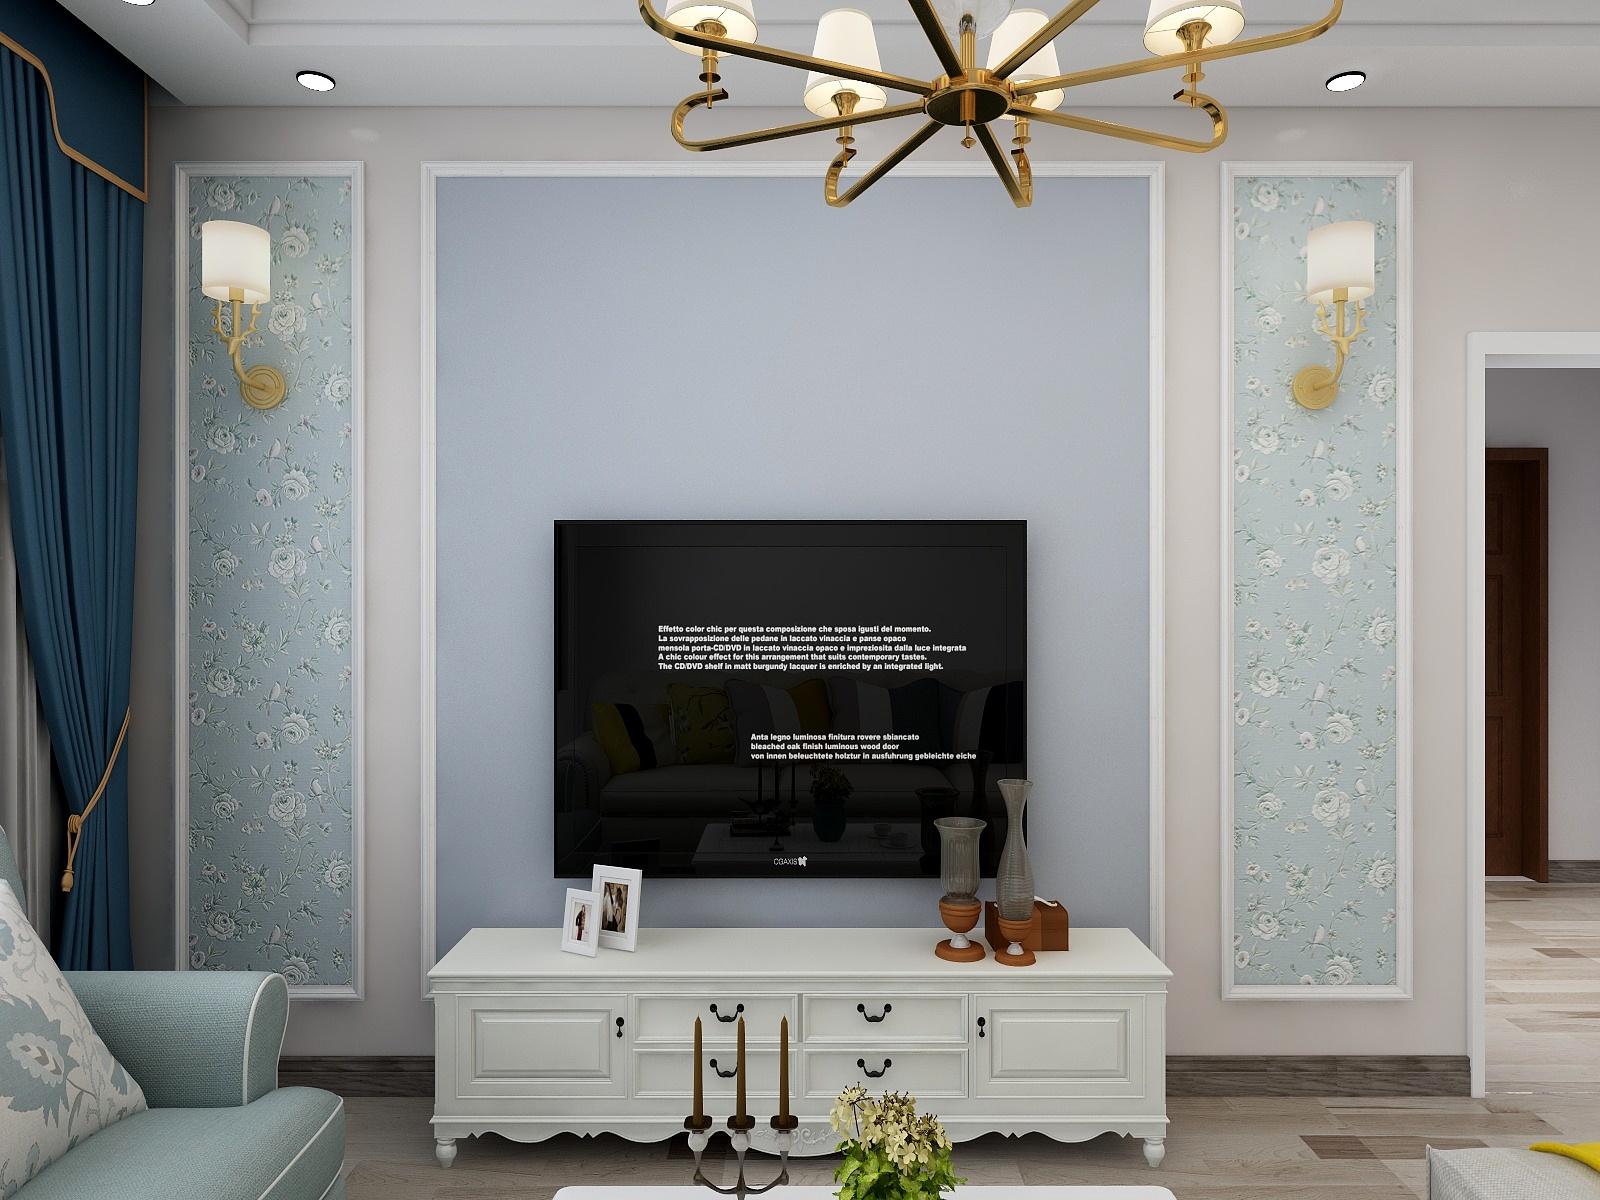 60㎡简美风格电视背景墙装修效果图